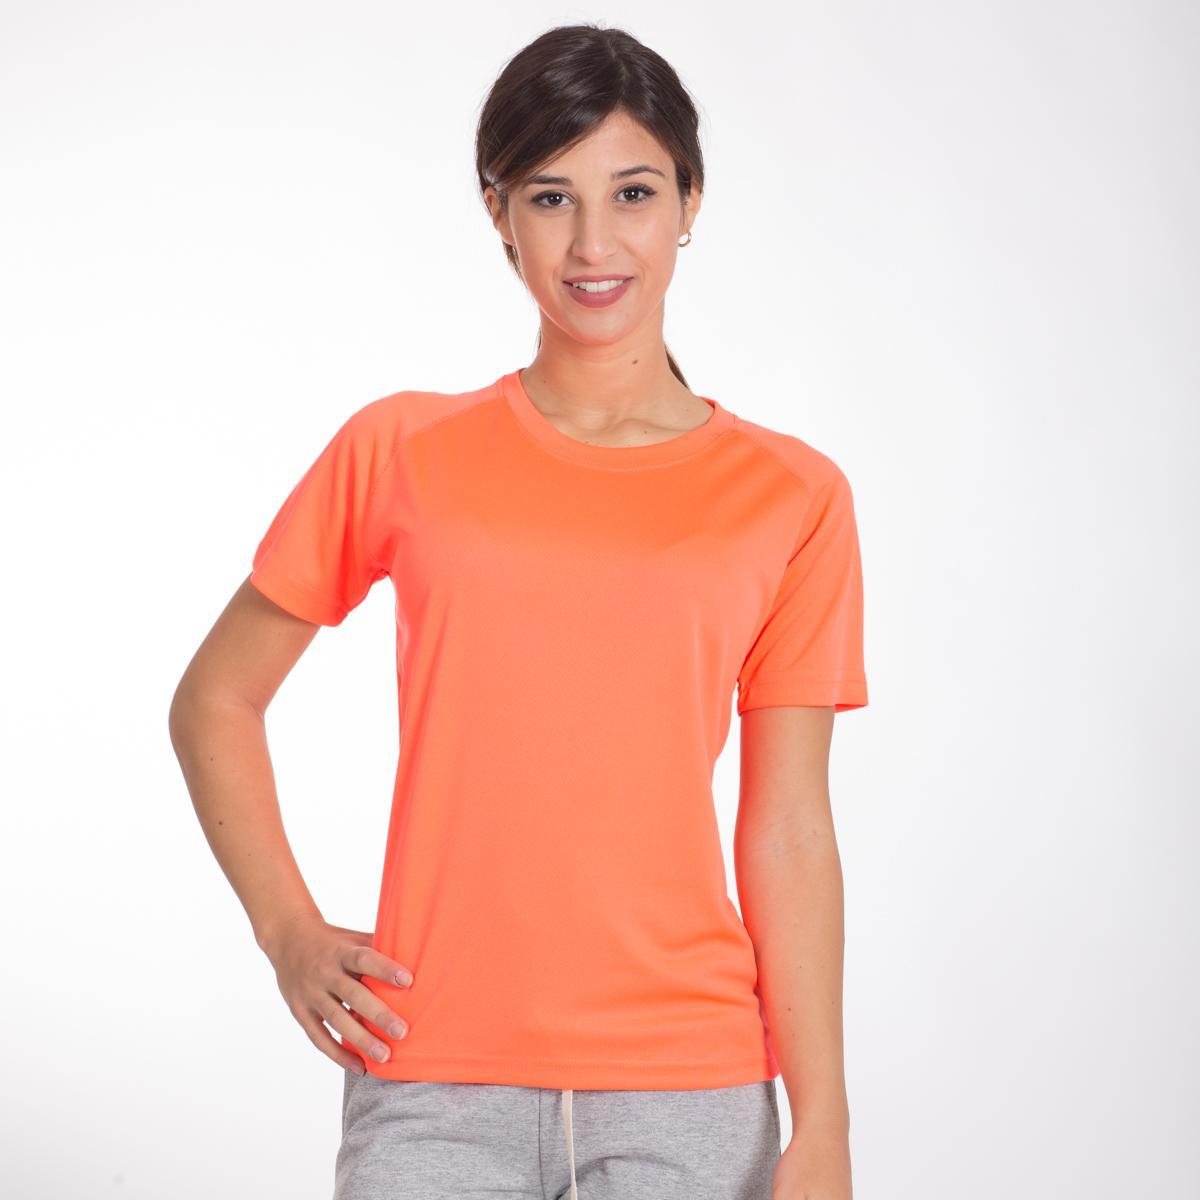 T-shirt Sport Manica Corta Donna Sprintex - Vestilogo f95d5804810